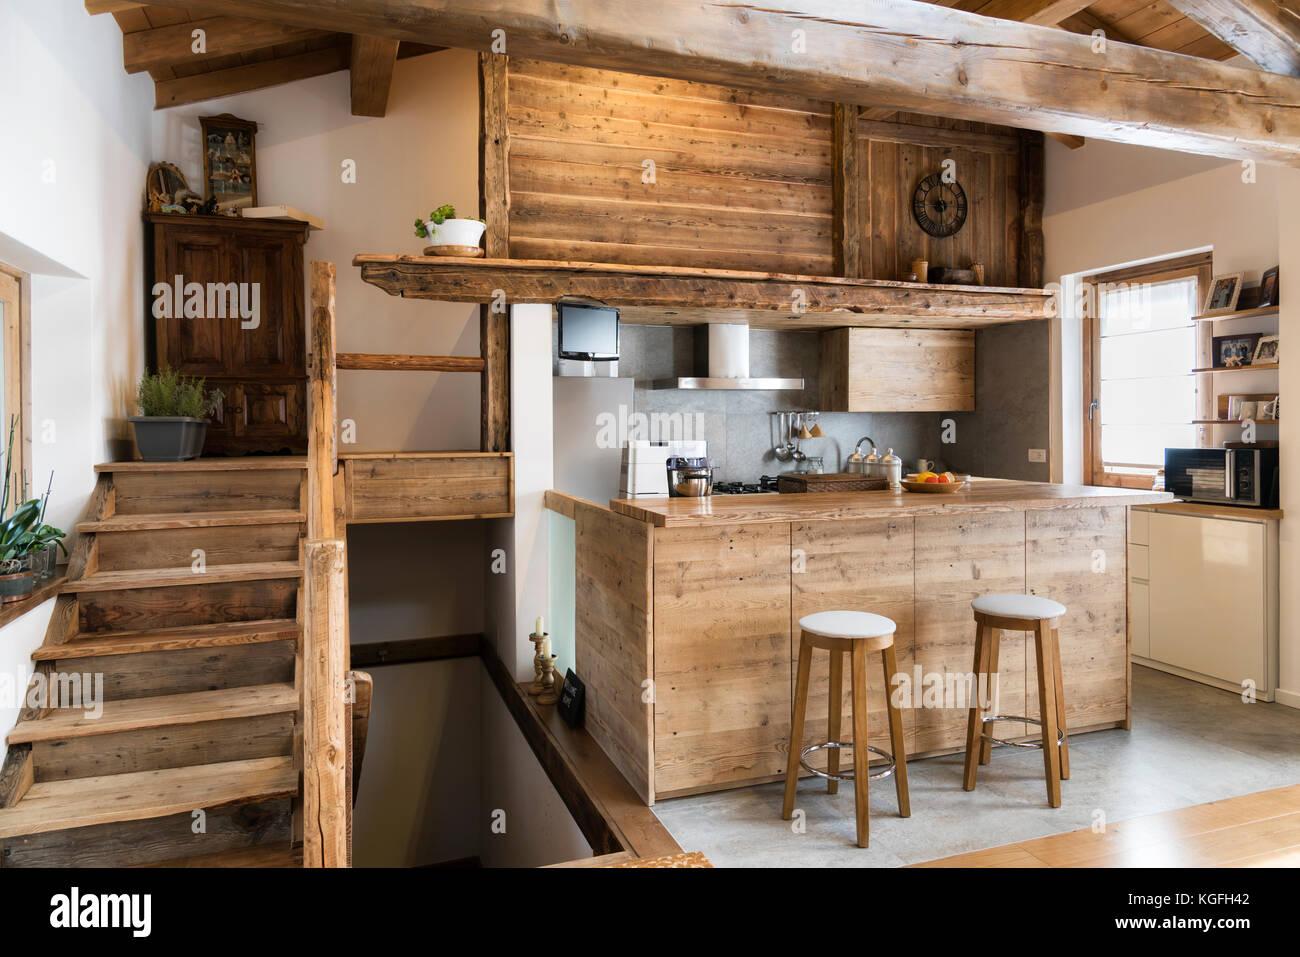 Cucina in legno in stile cottage Immagini Stock